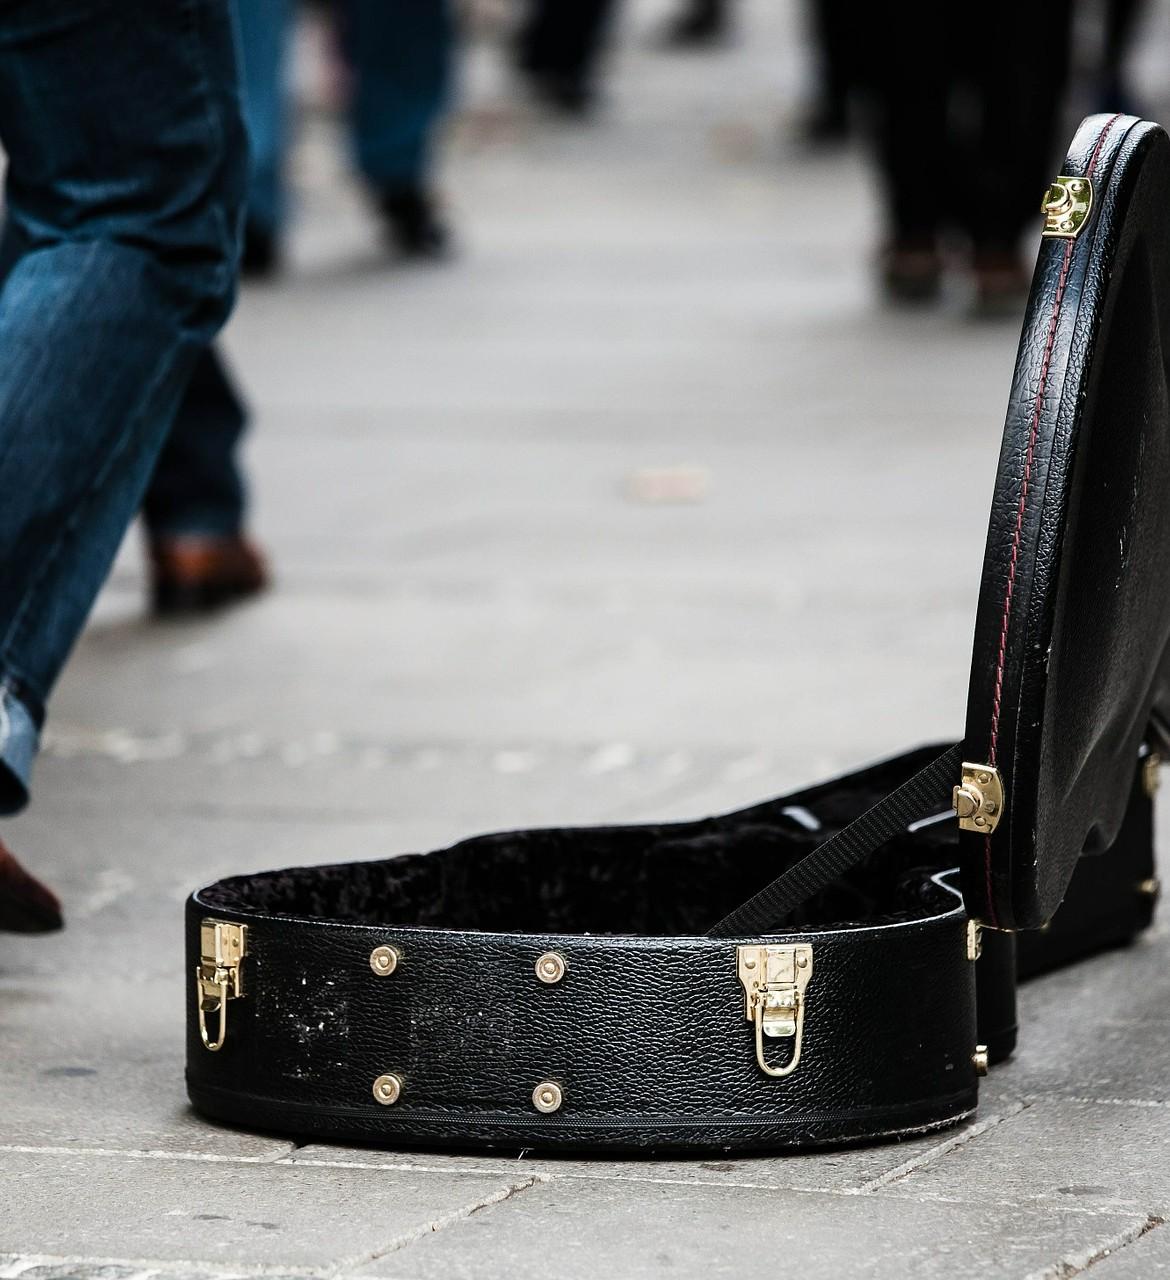 guitar-case-485112_1920-1170×1280